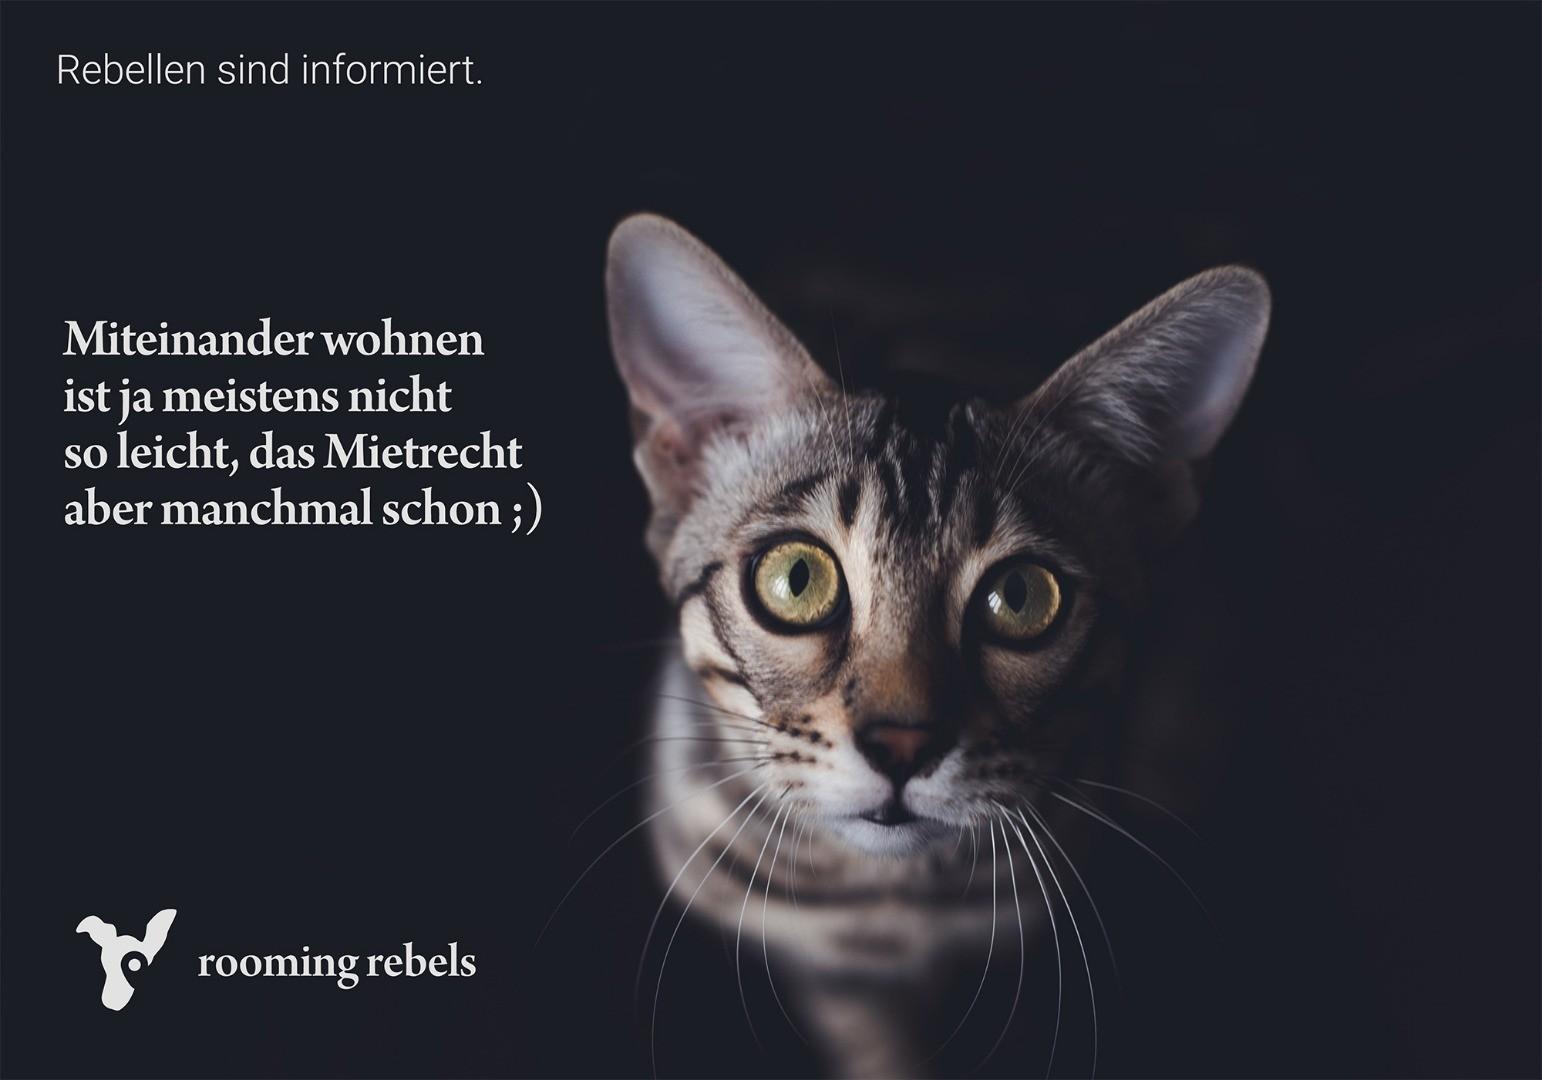 rebellen-sind-informiert_mietrecht_2019.01.jpg